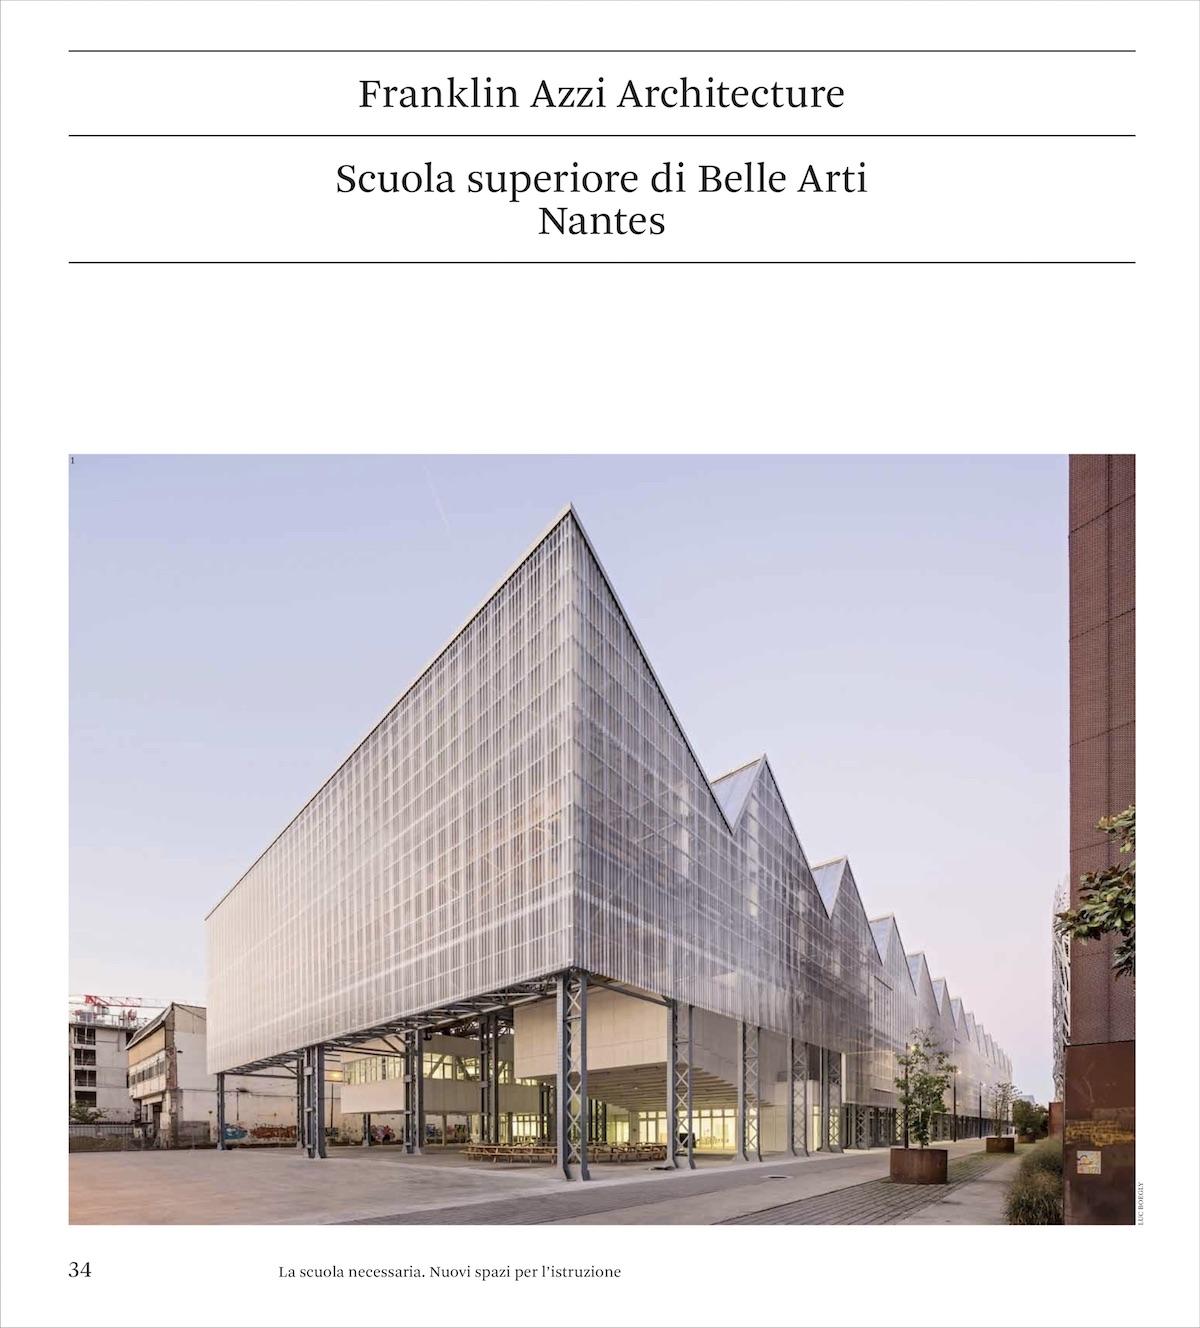 890 FRANKLIN AZZI ARCHITECTURE